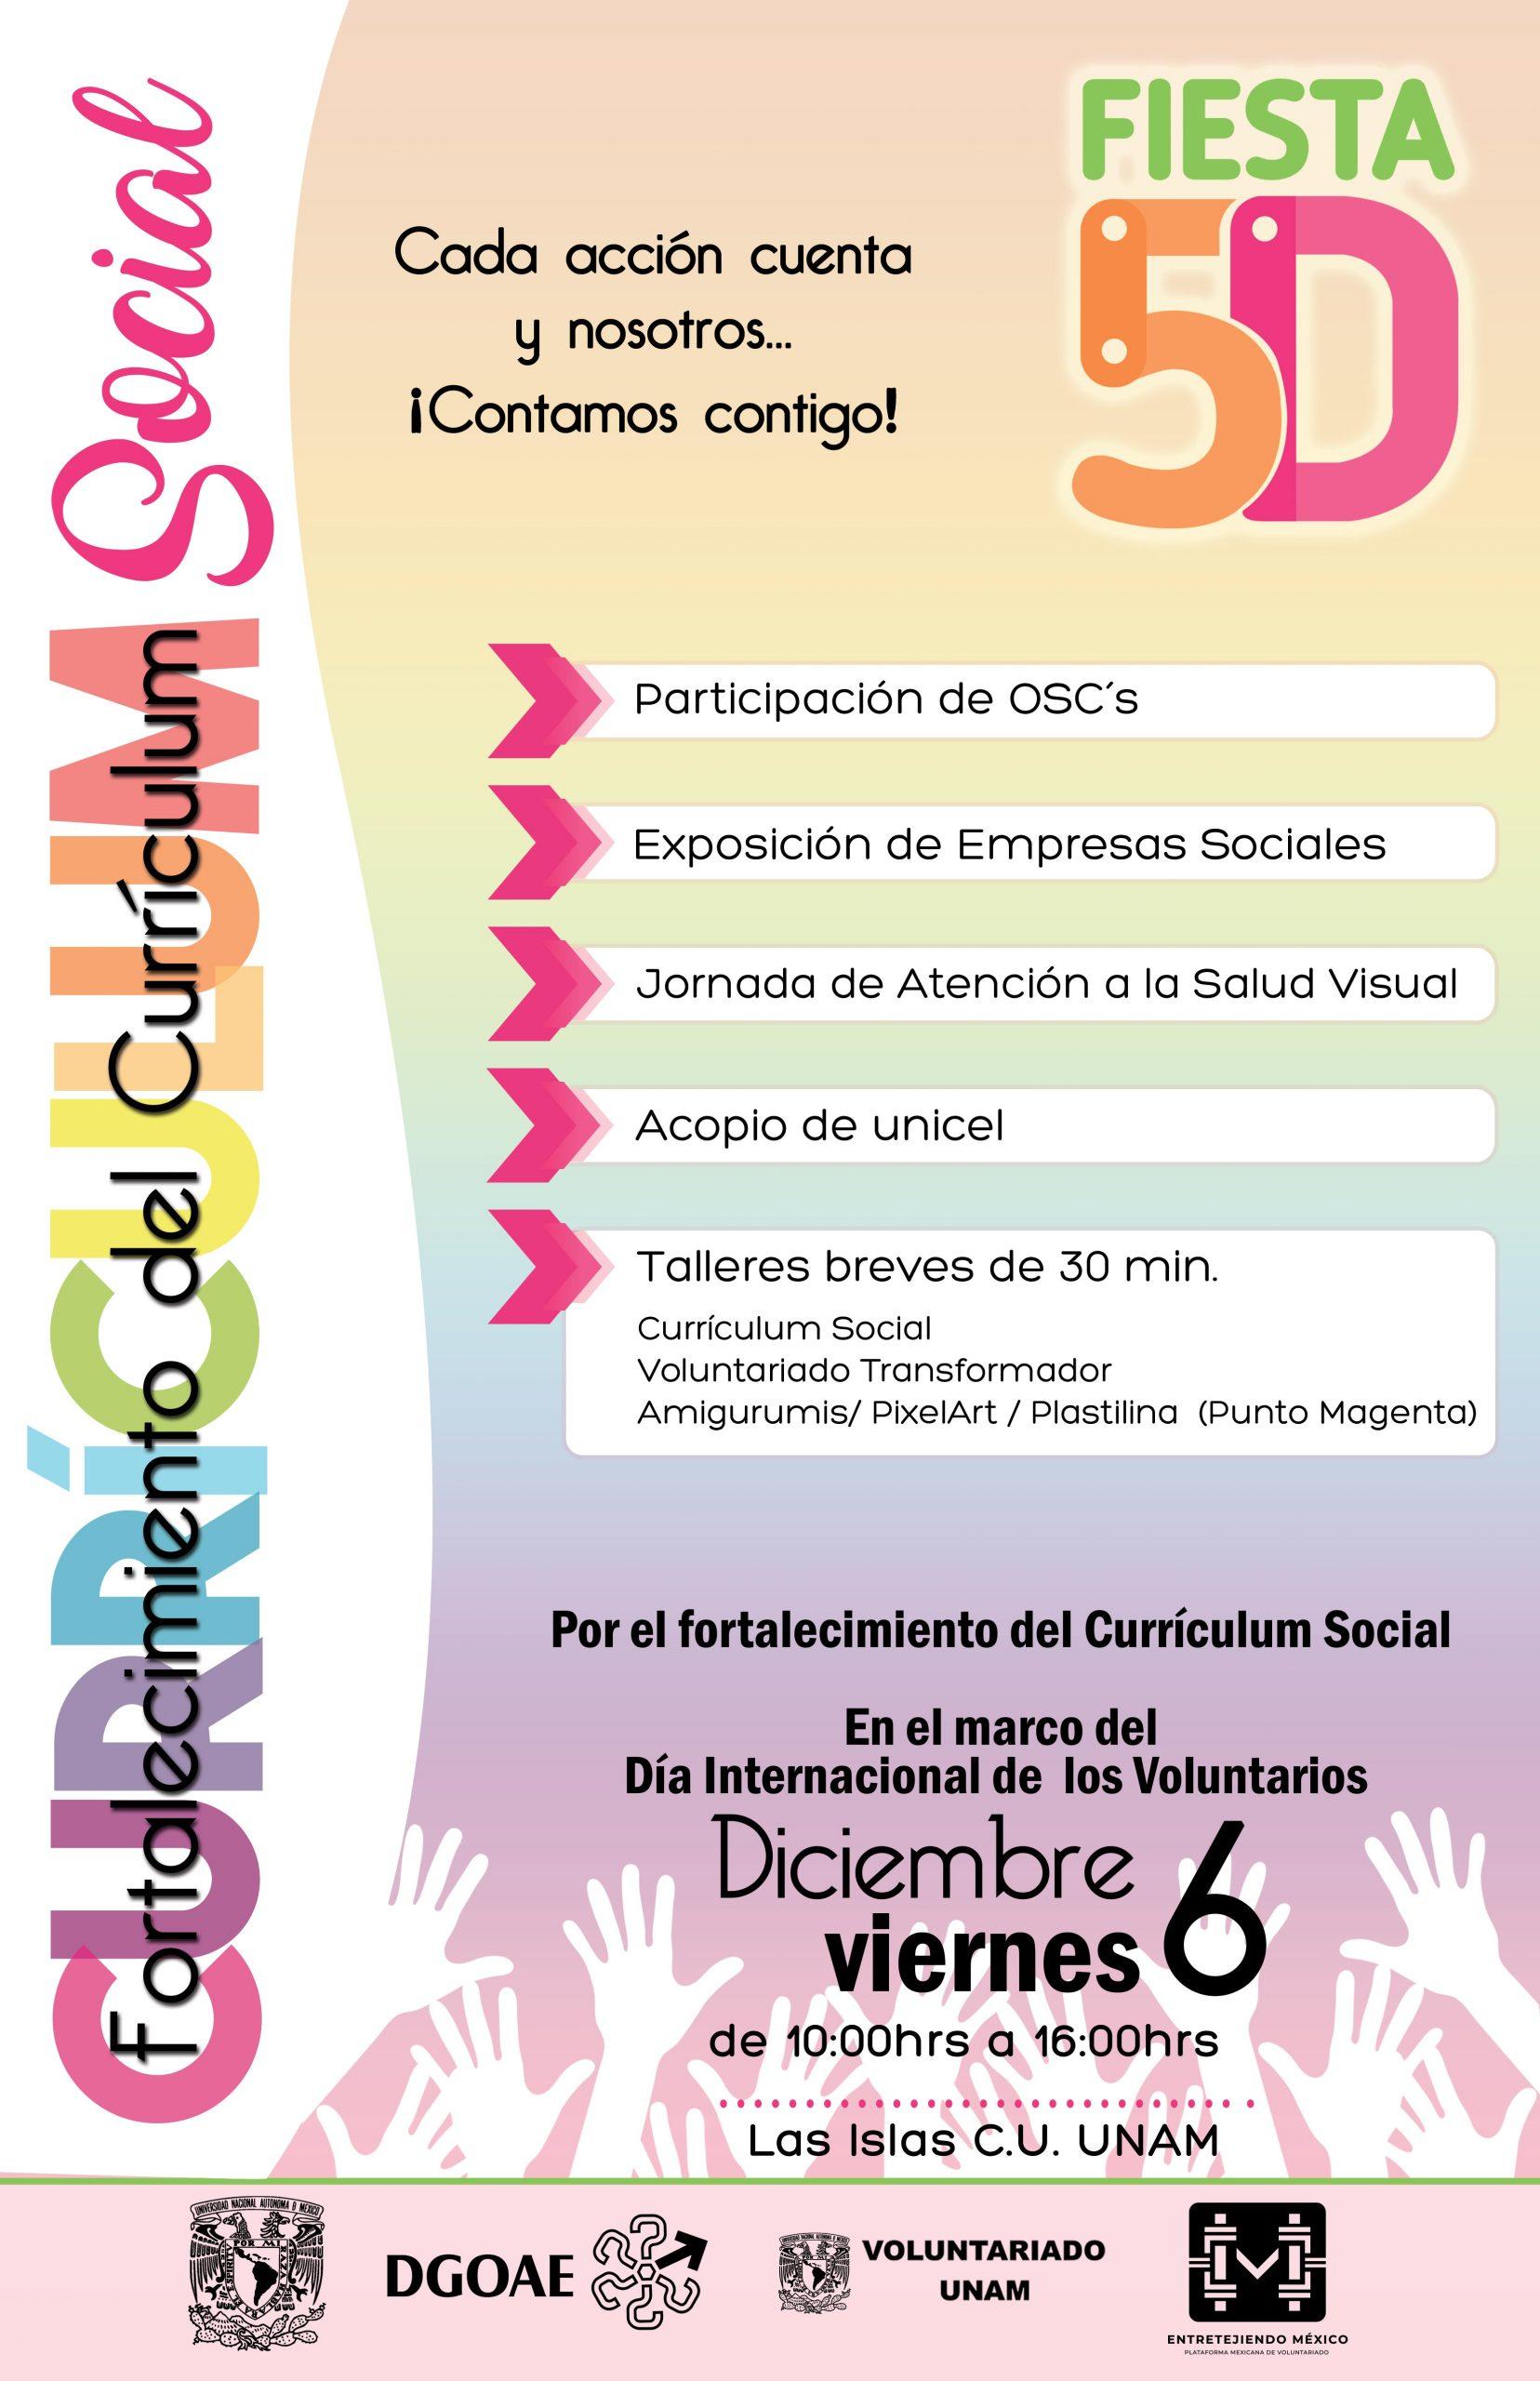 """Fiesta 5D 2019: """"Fortalecimiento del Currículum Social"""""""